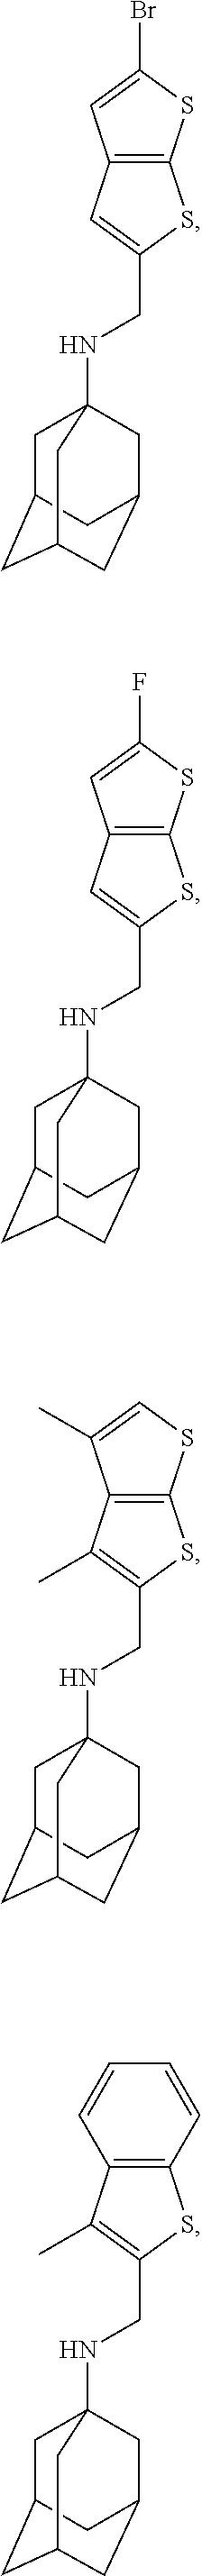 Figure US09884832-20180206-C00168